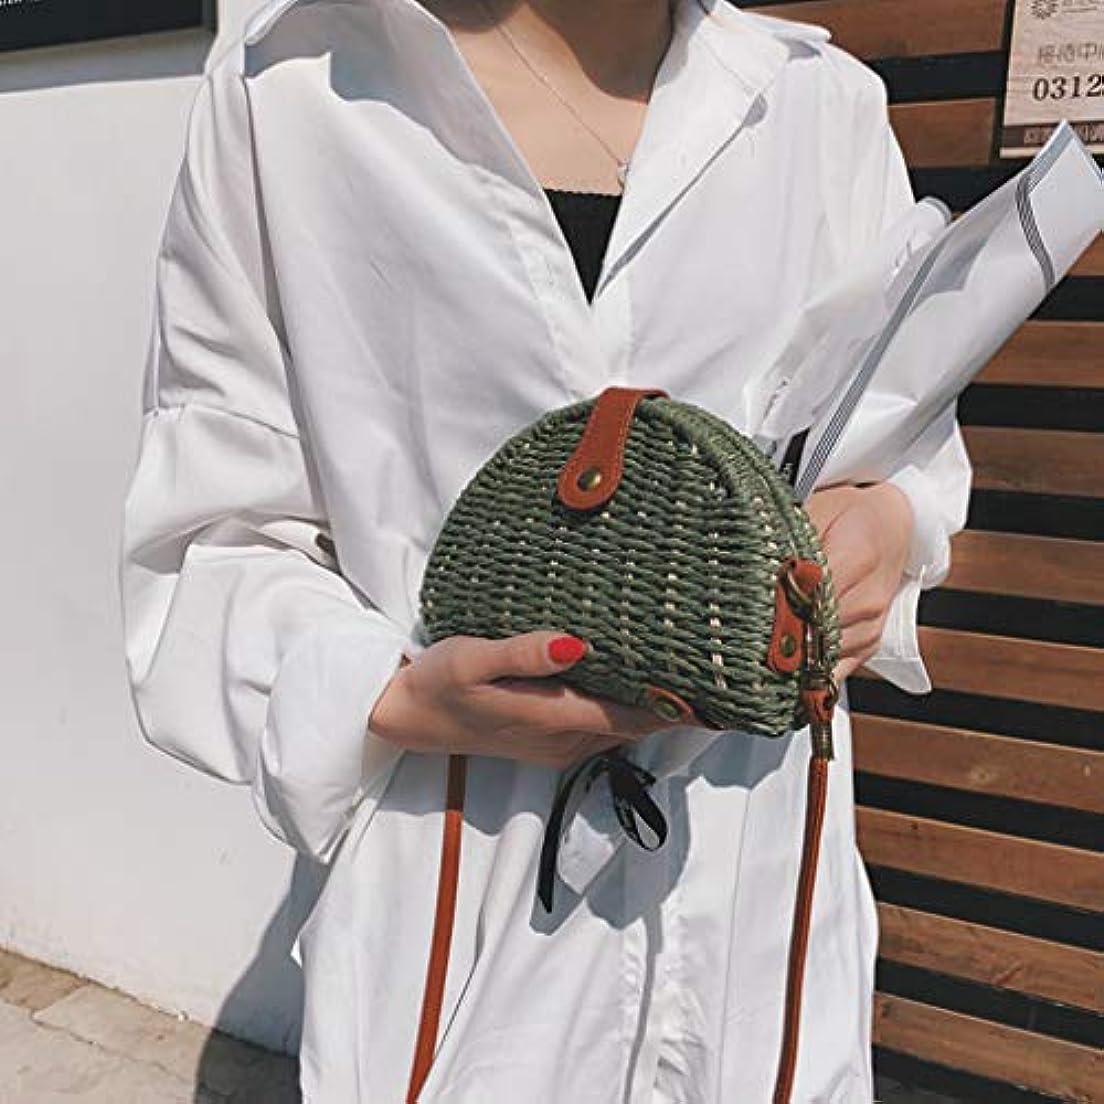 体系的に小説障害者女性ミニ織りビーチショルダーバッグレディースボヘミアンスタイルレジャーハンドバッグ、女性のミニ織クロスボディバッグ、レディースミニファッションビーチスタイルクロスボディバッグ (緑)